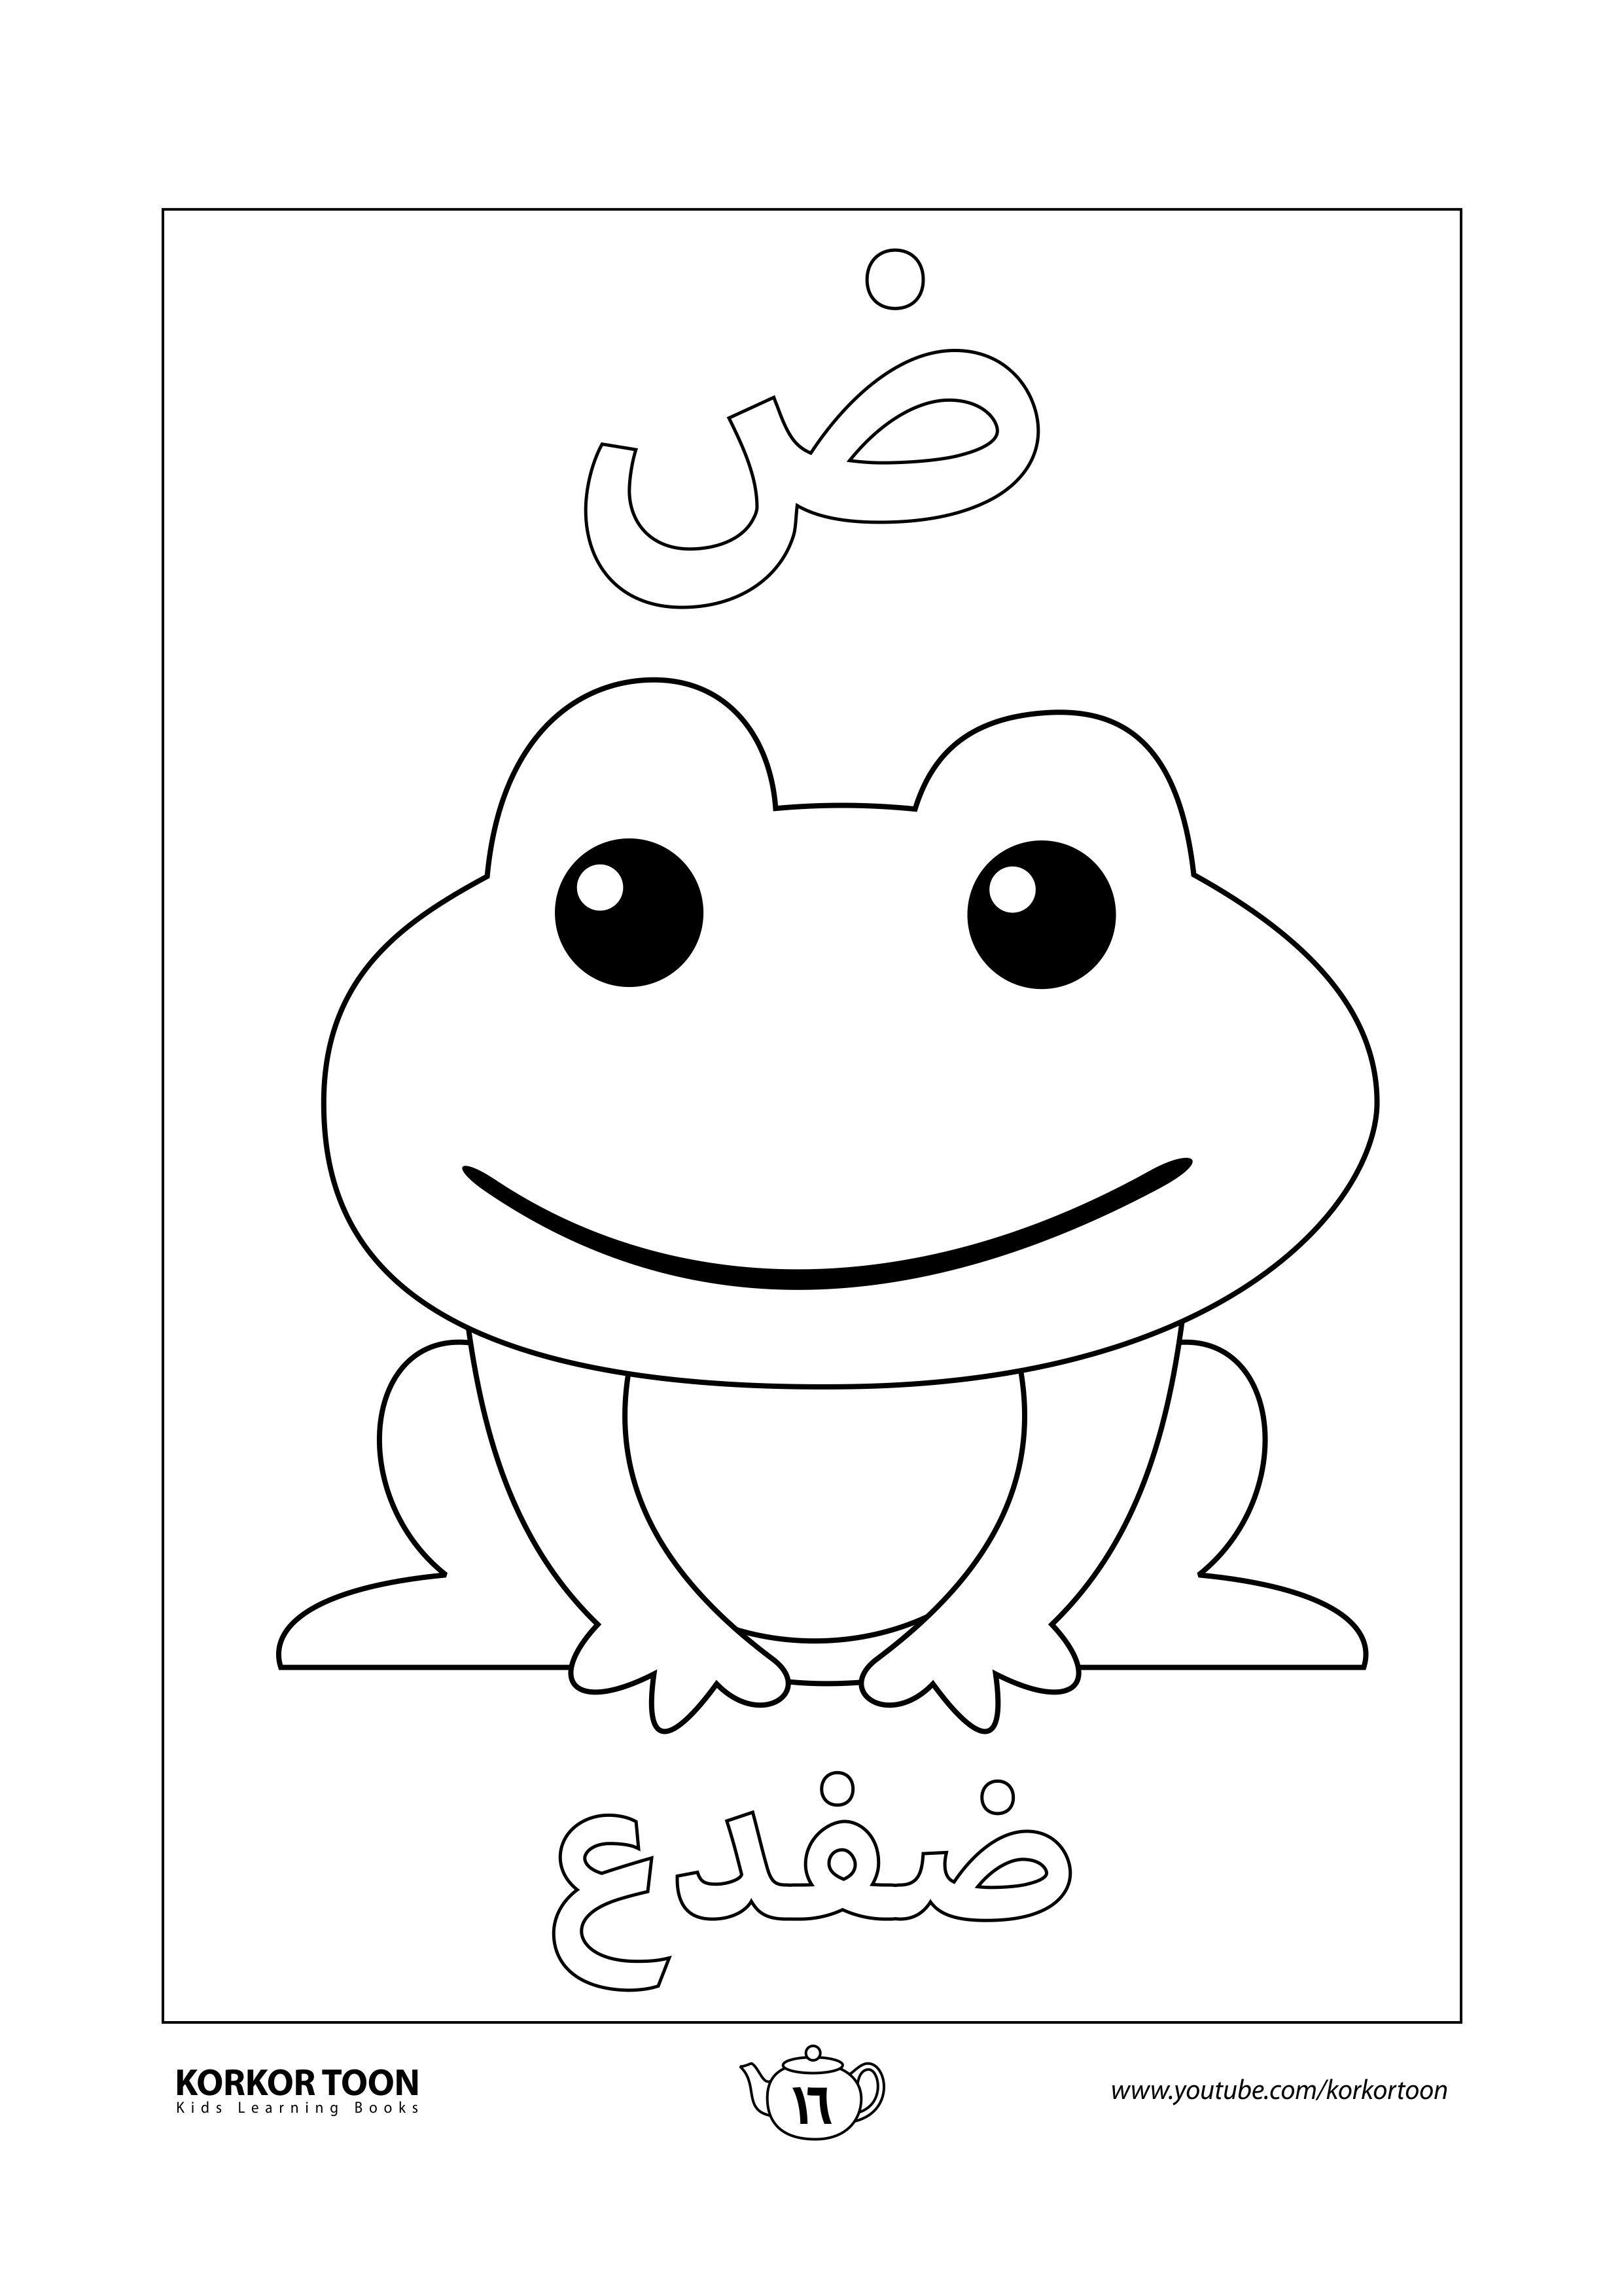 صفحة تلوين حرف الضاد كتاب تلوين الحروف العربية للأطفال Hello Kitty Learning Arabic Kitty